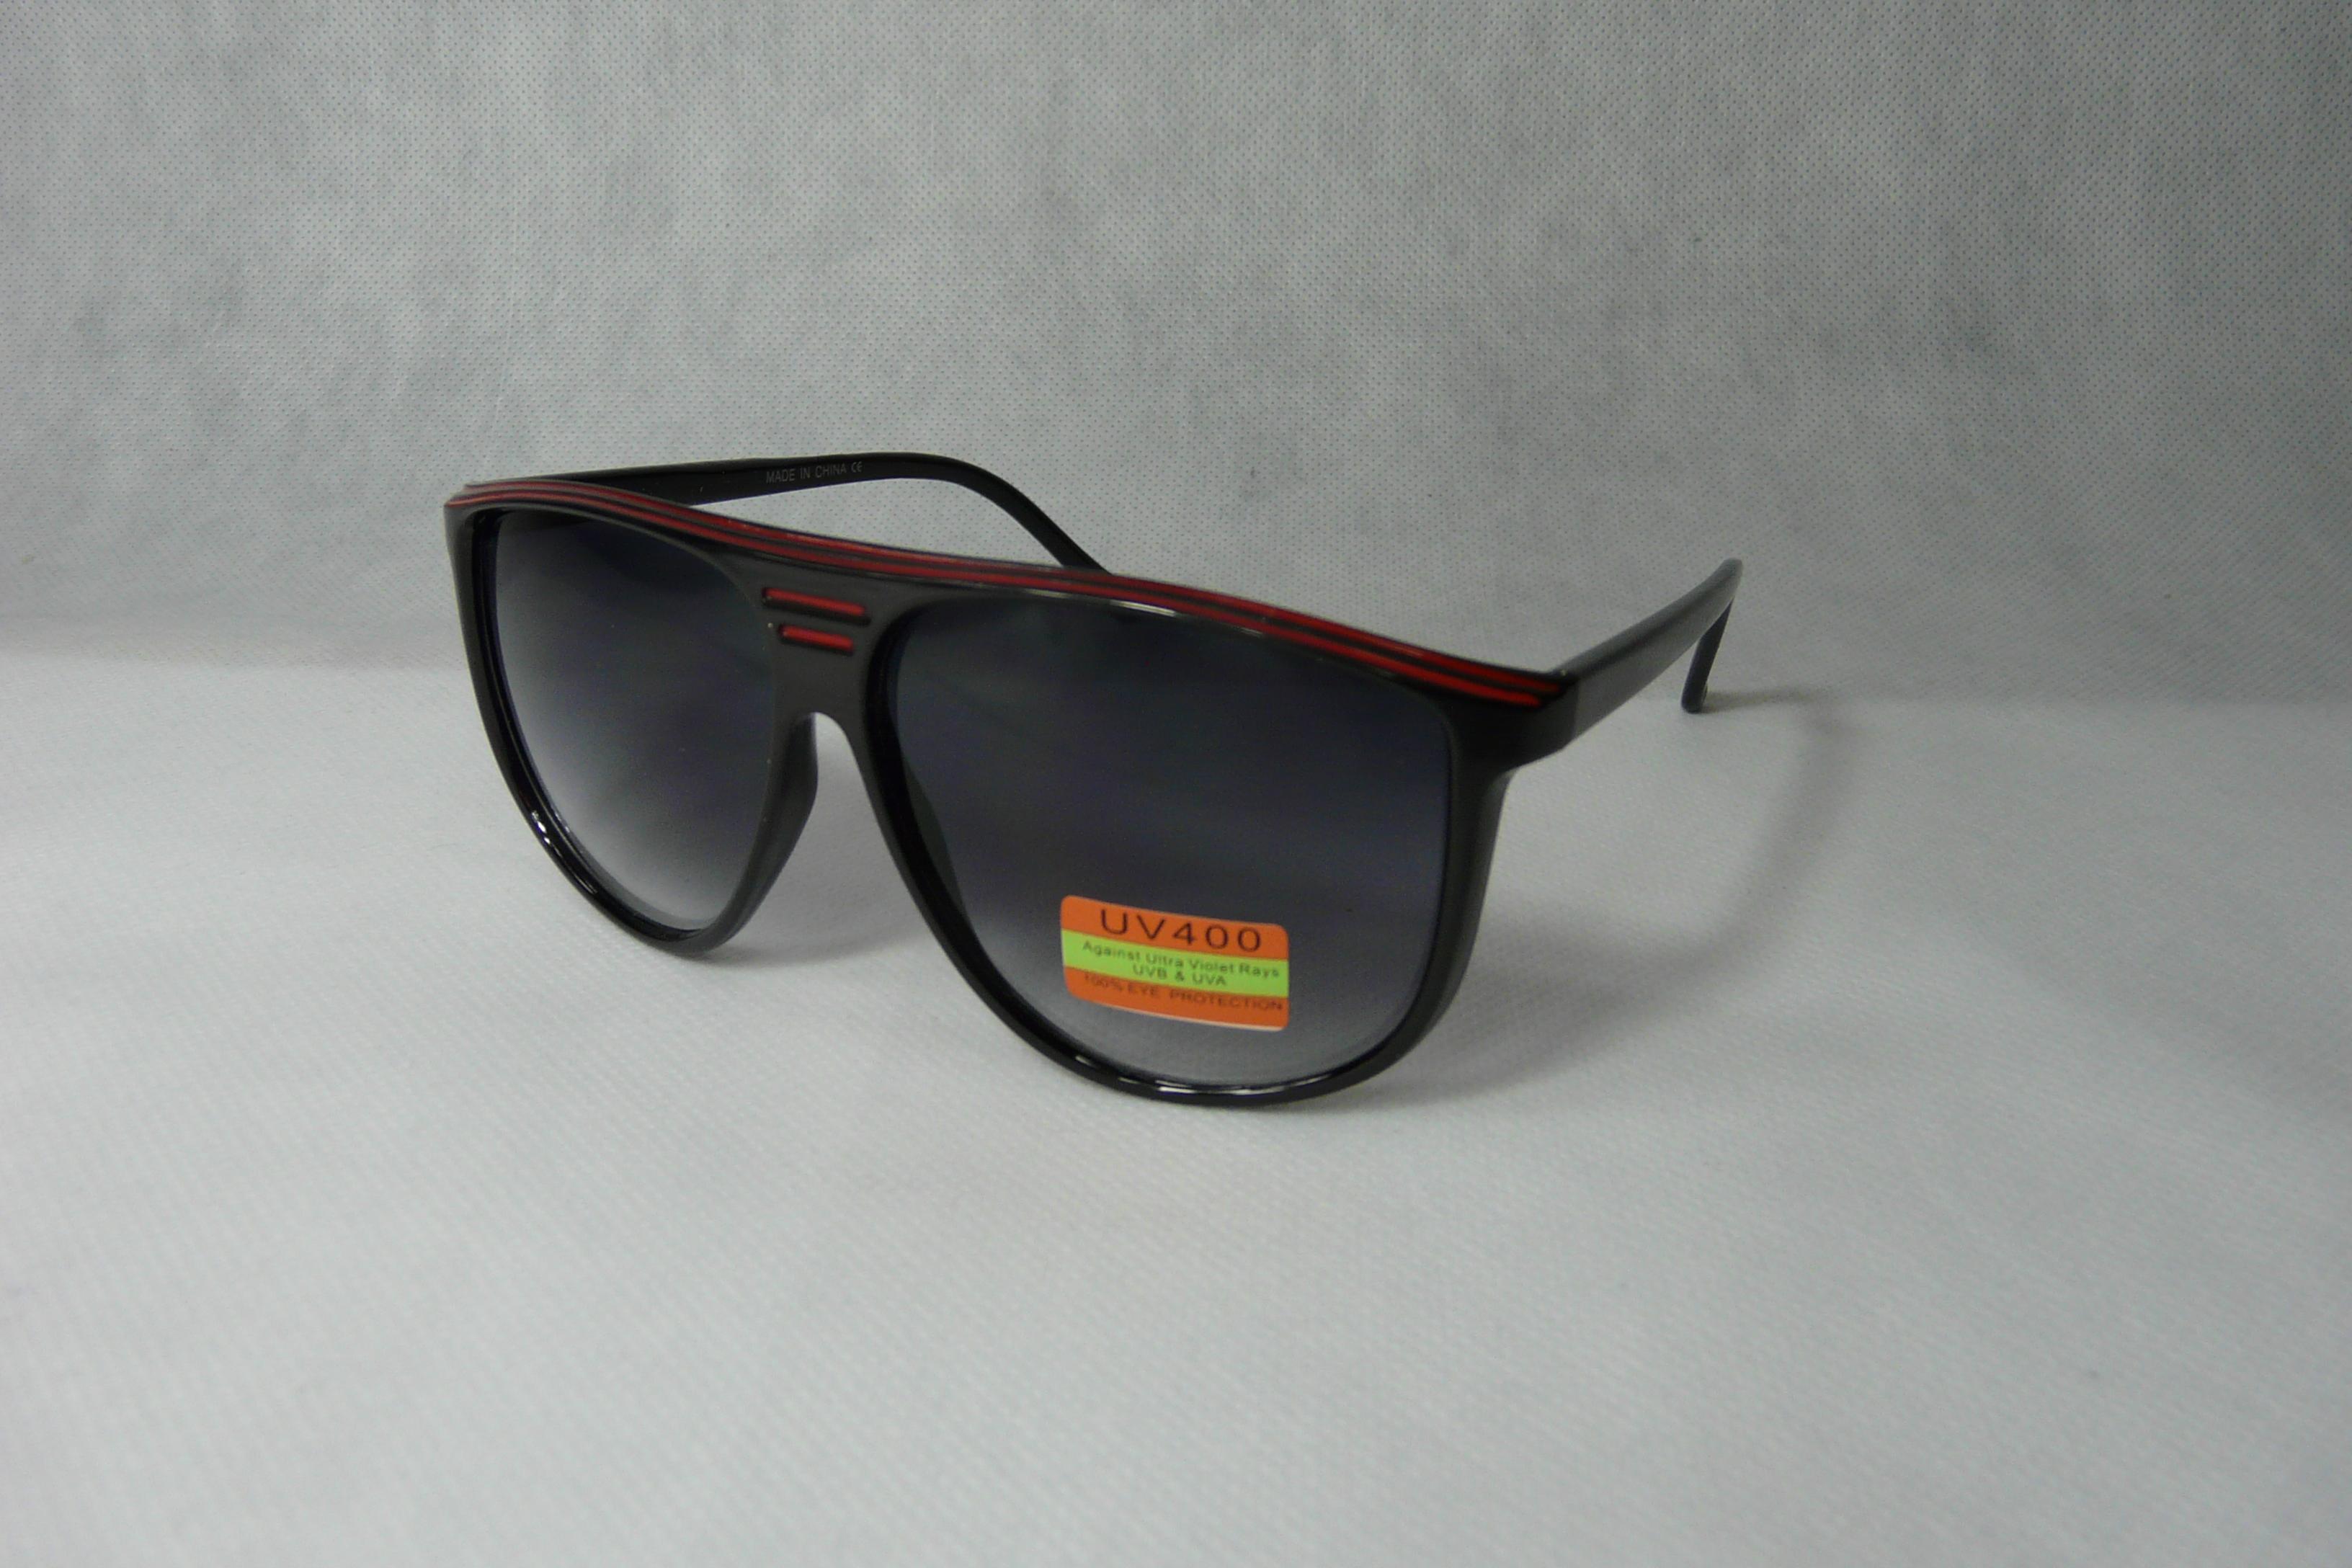 Sluneční brýle retro stylové Aviator